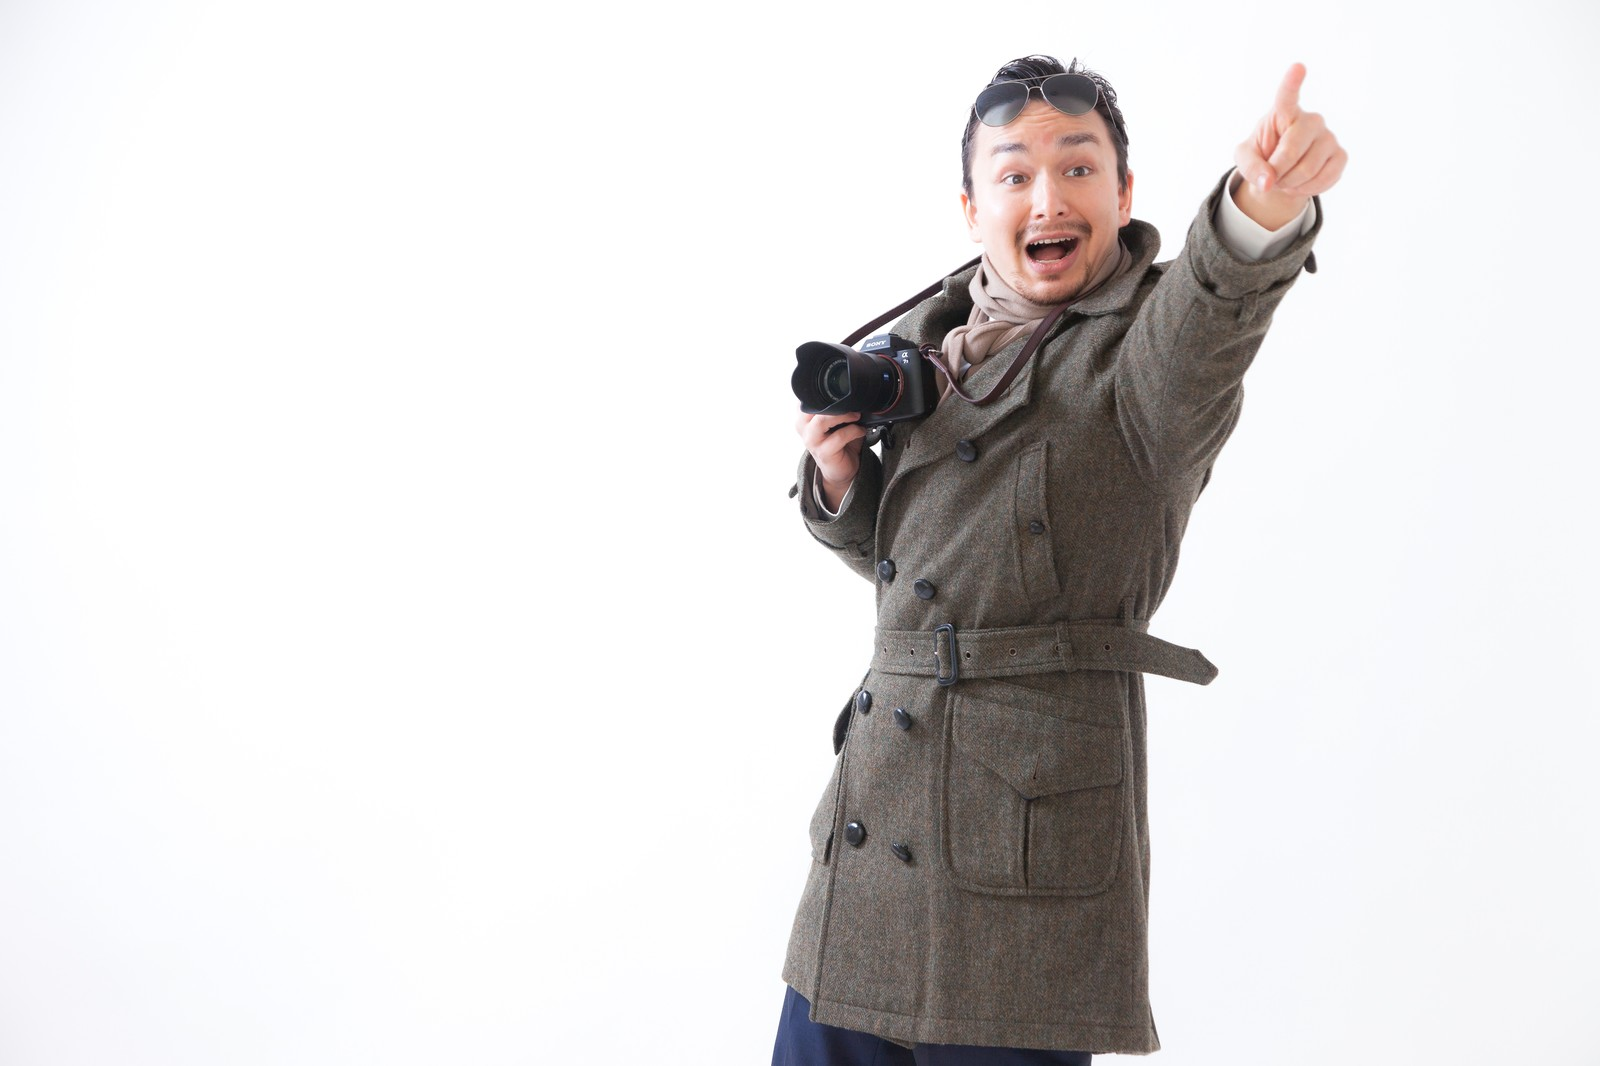 「ランドマークを見つけては指をさすドイツからの観光客   ぱくたそフリー素材」の写真[モデル:Max_Ezaki]